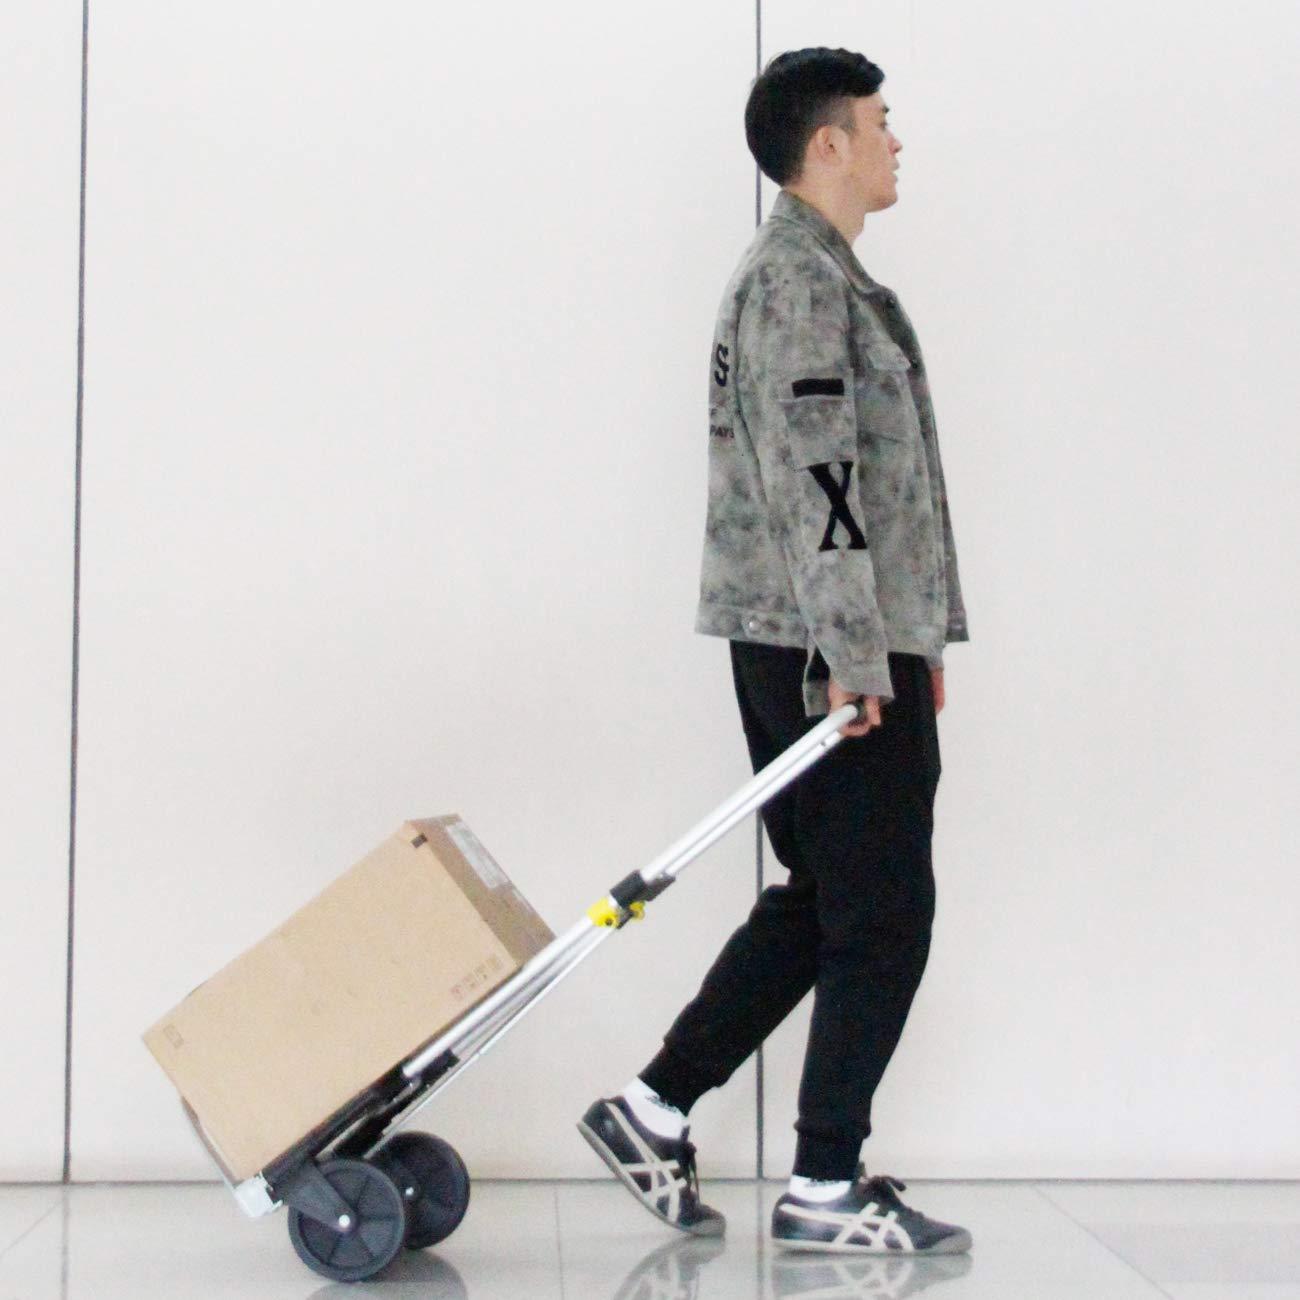 soges Carro de mano plegable con ruedas Carretilla de mano port/átil Carrito de equipaje Carro compacto de utilidad con vendaje Peso ligero capacidad de 60 kg,KT-2022